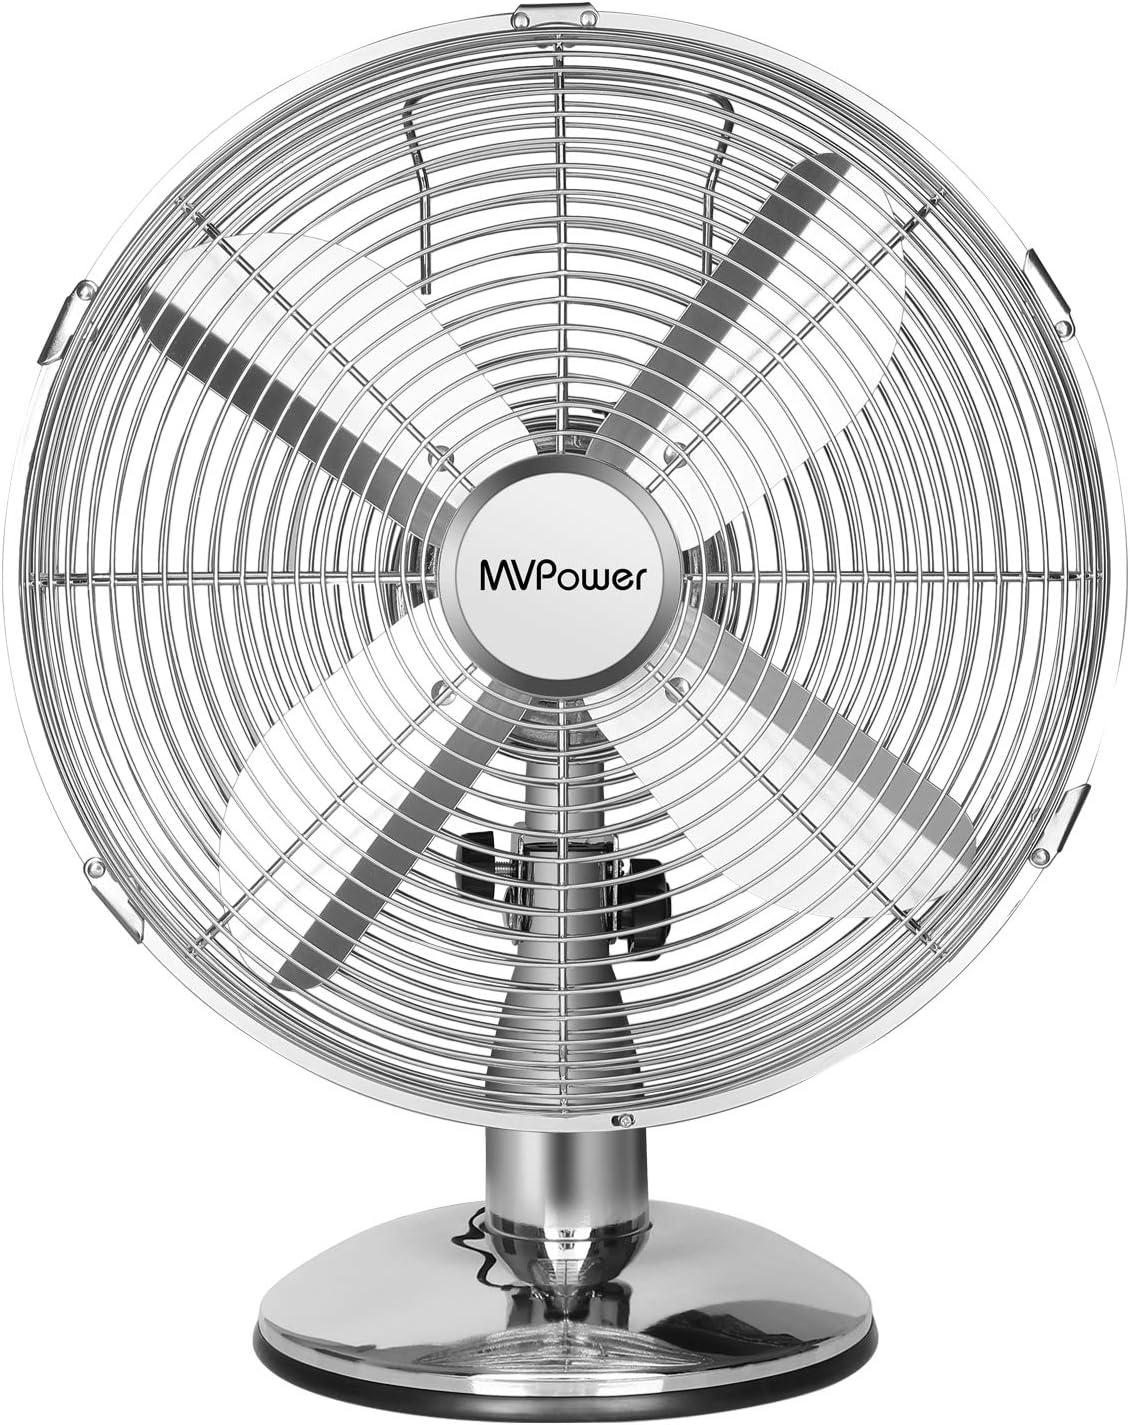 MVPower Ventilador de Mesa, Ventilador de Escritorio de 12 Pulgadas, diámetro de 34,5 cm con 3 Niveles de Velocidad, oscilación conmutable de 75 °, 35 W, Metal Cromado